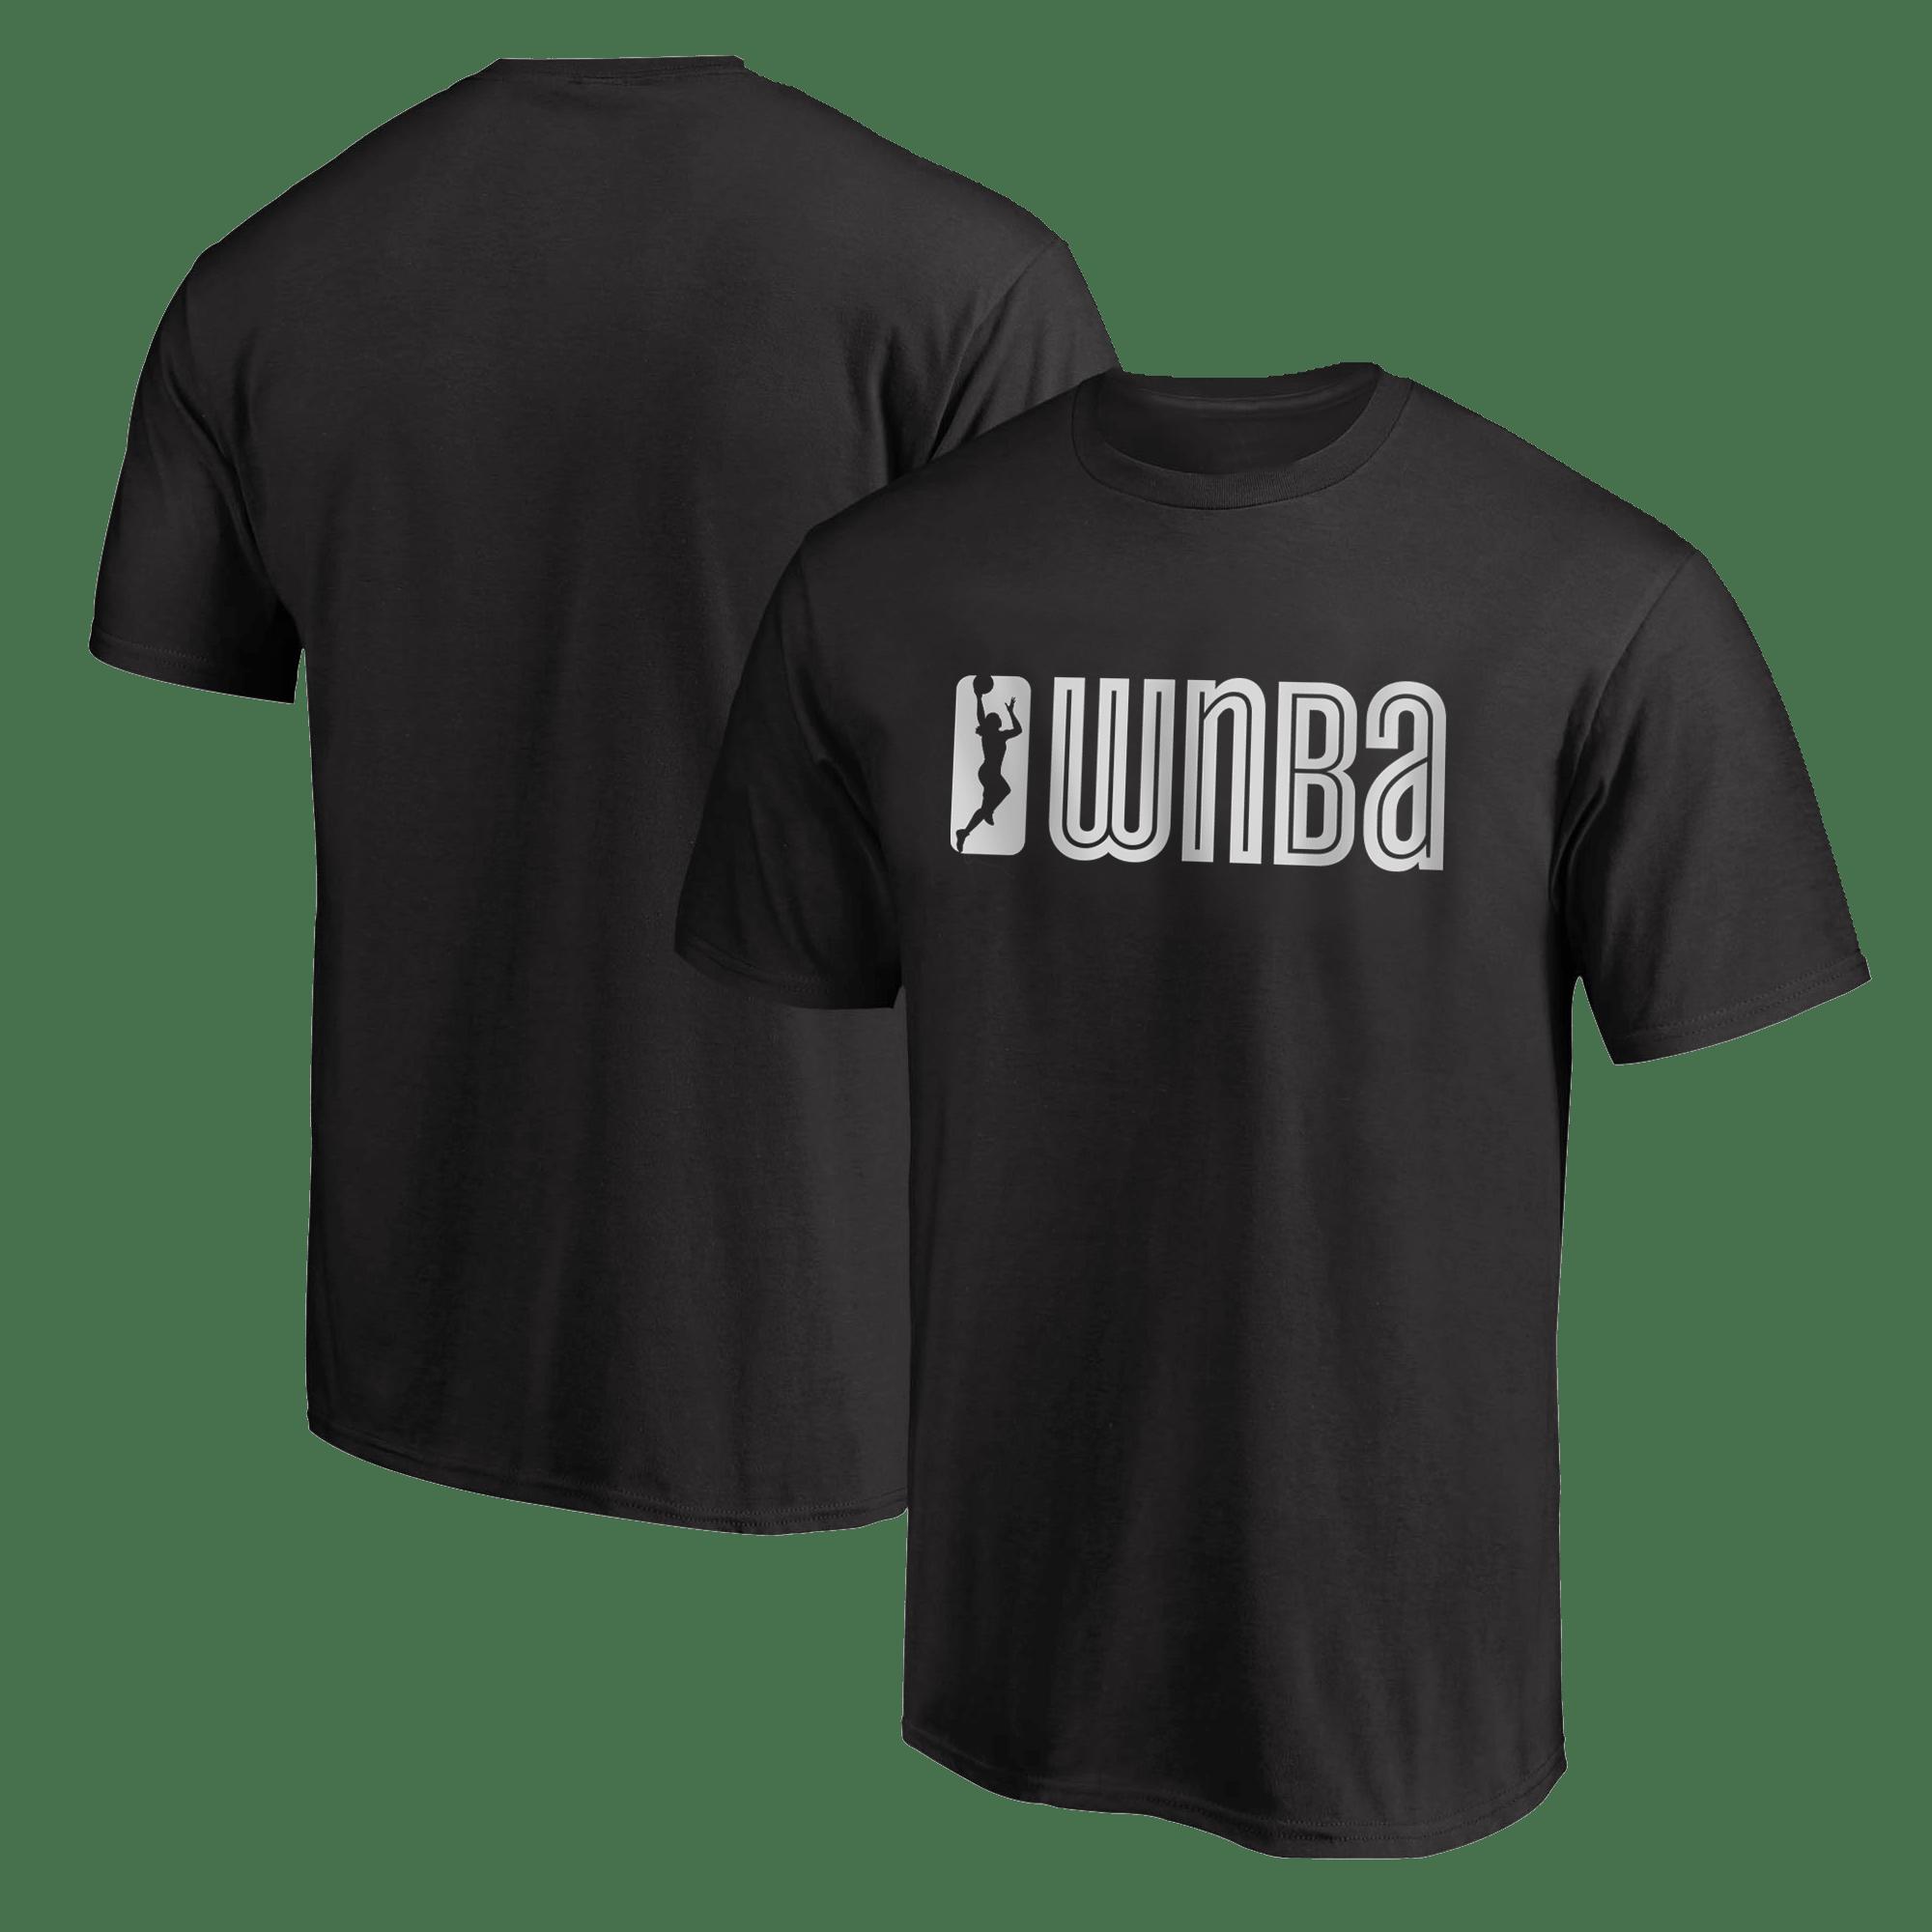 WNBA Tshirt (TSH-BLC-NP-WNBA-633)